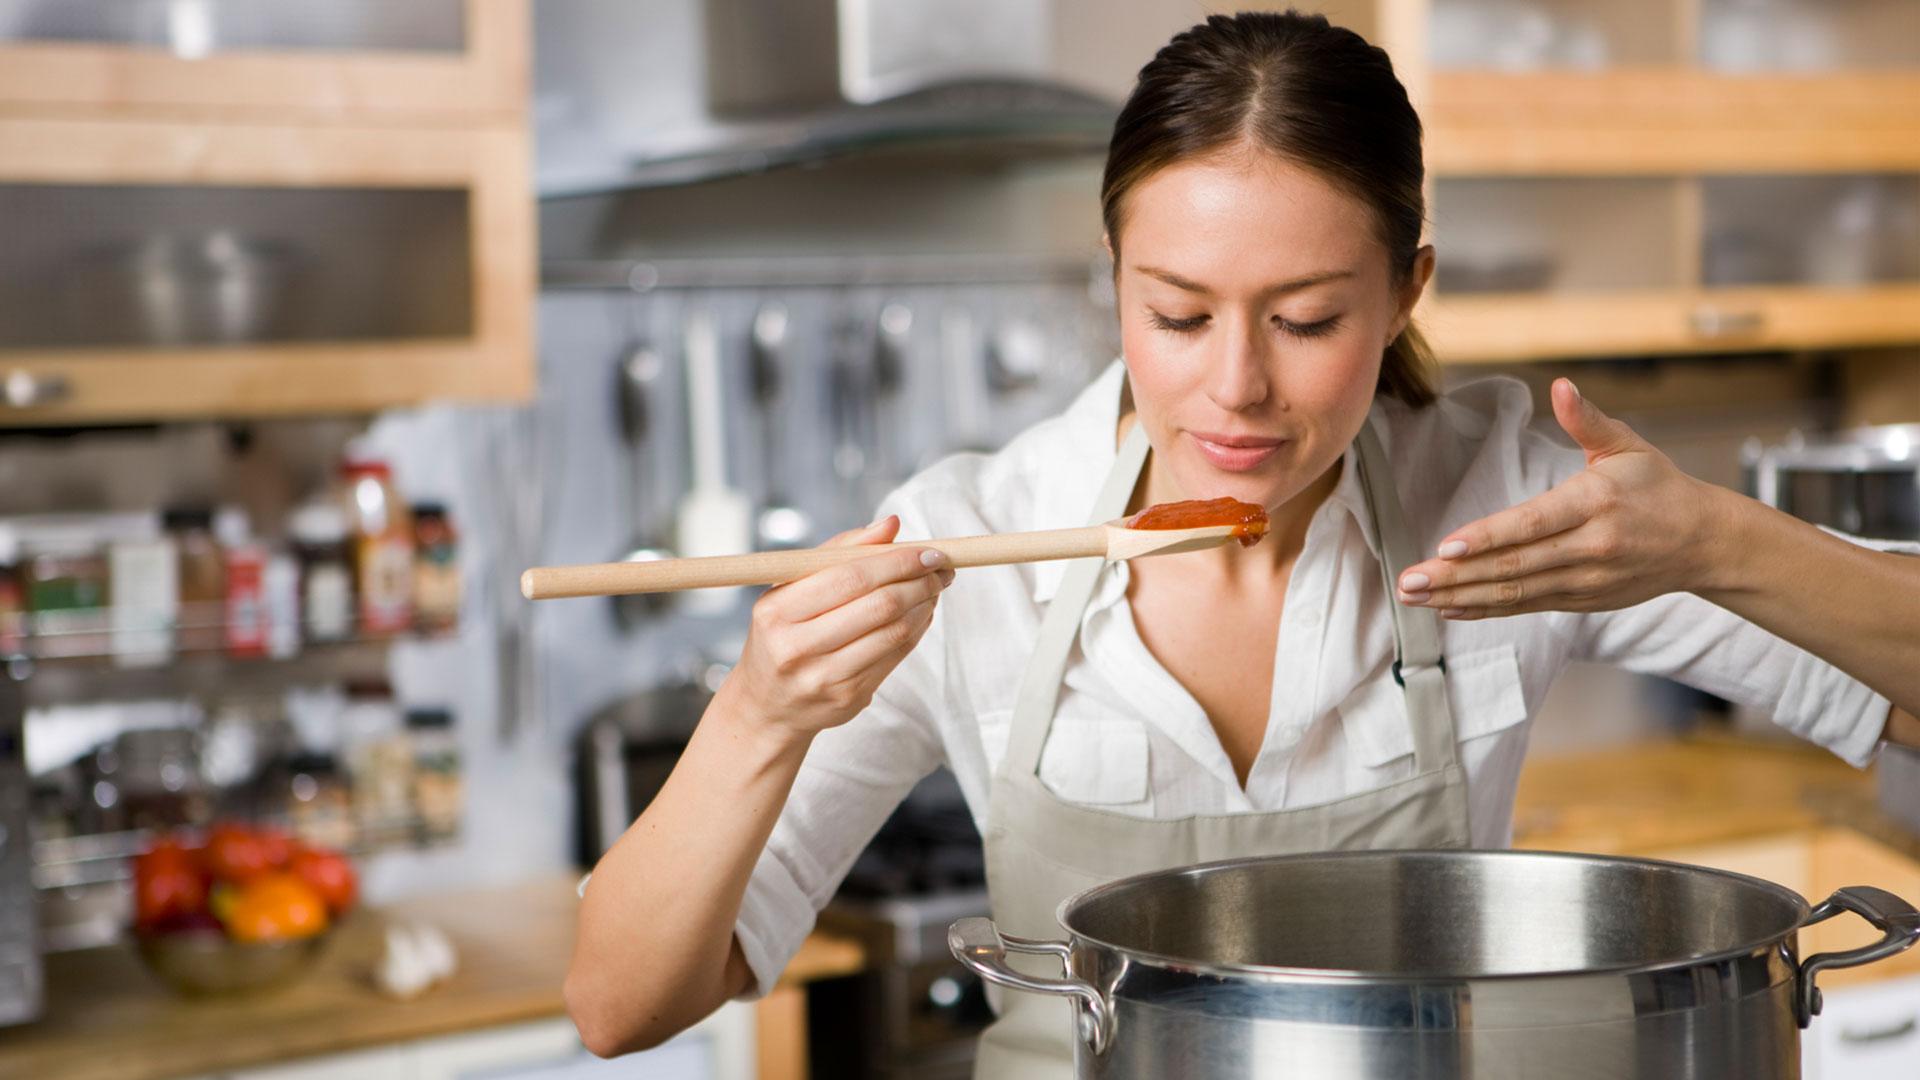 برای همسرتان آشپزی کنید